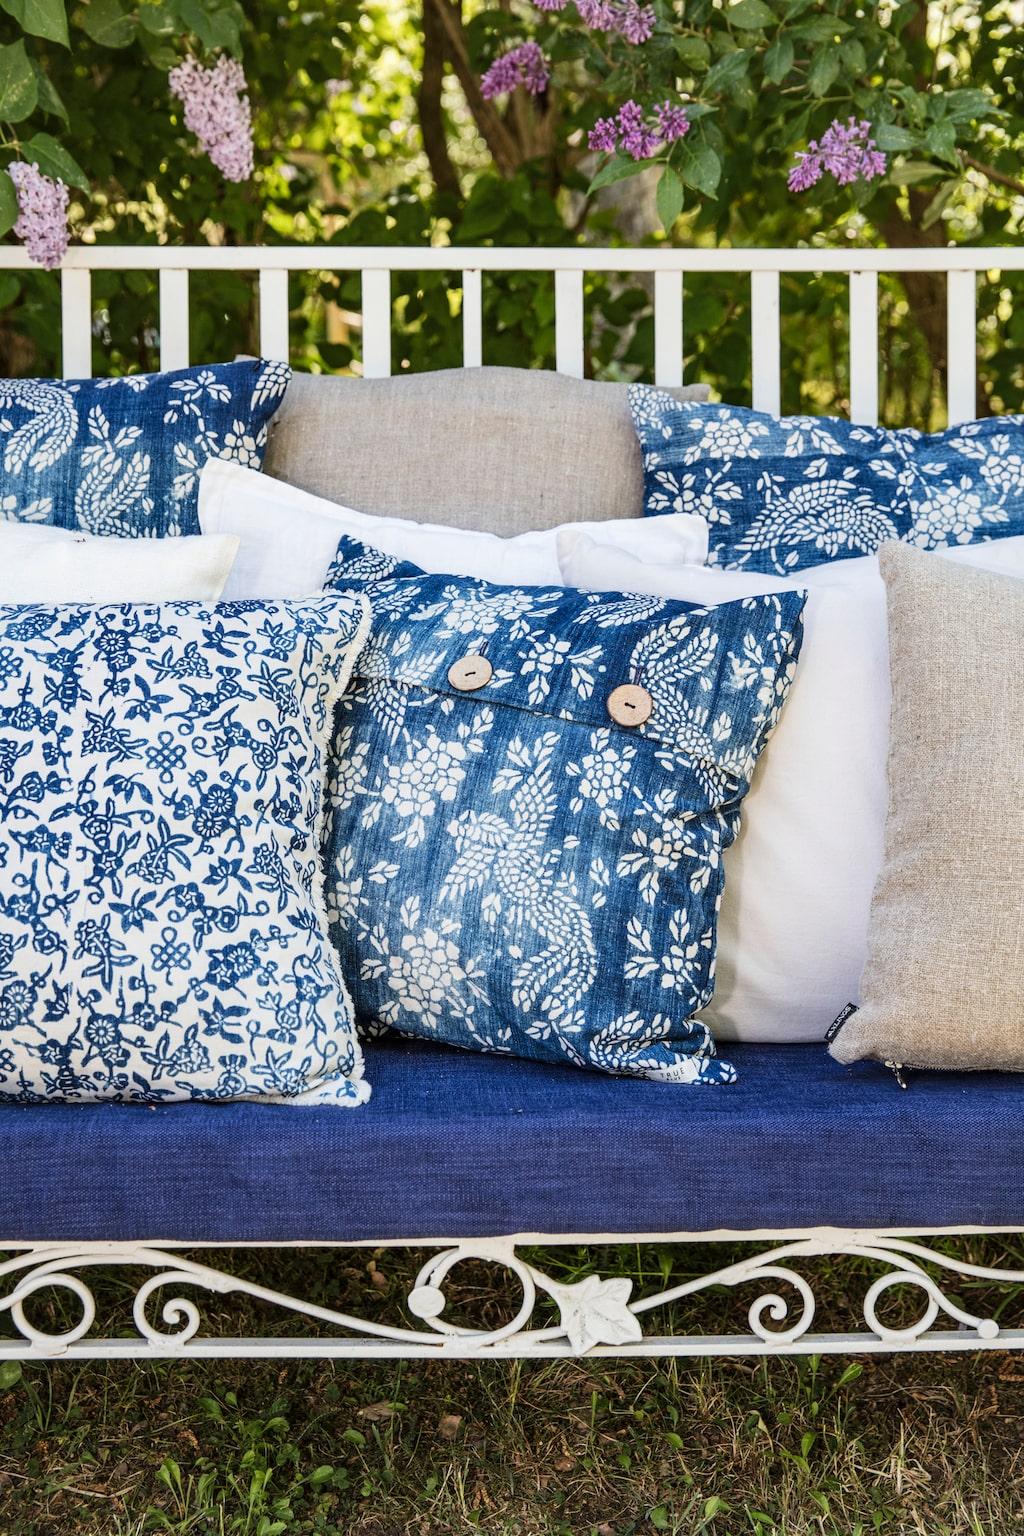 Stor blåvit vintagekudde med indigotryck, 950 kronor, vit kudde med blått mönster, 600 kronor, båda True Blue. Ljusblå kudde, 239 kronor, naturfärgad kudde, 219 kronor, båda Axlings linne.